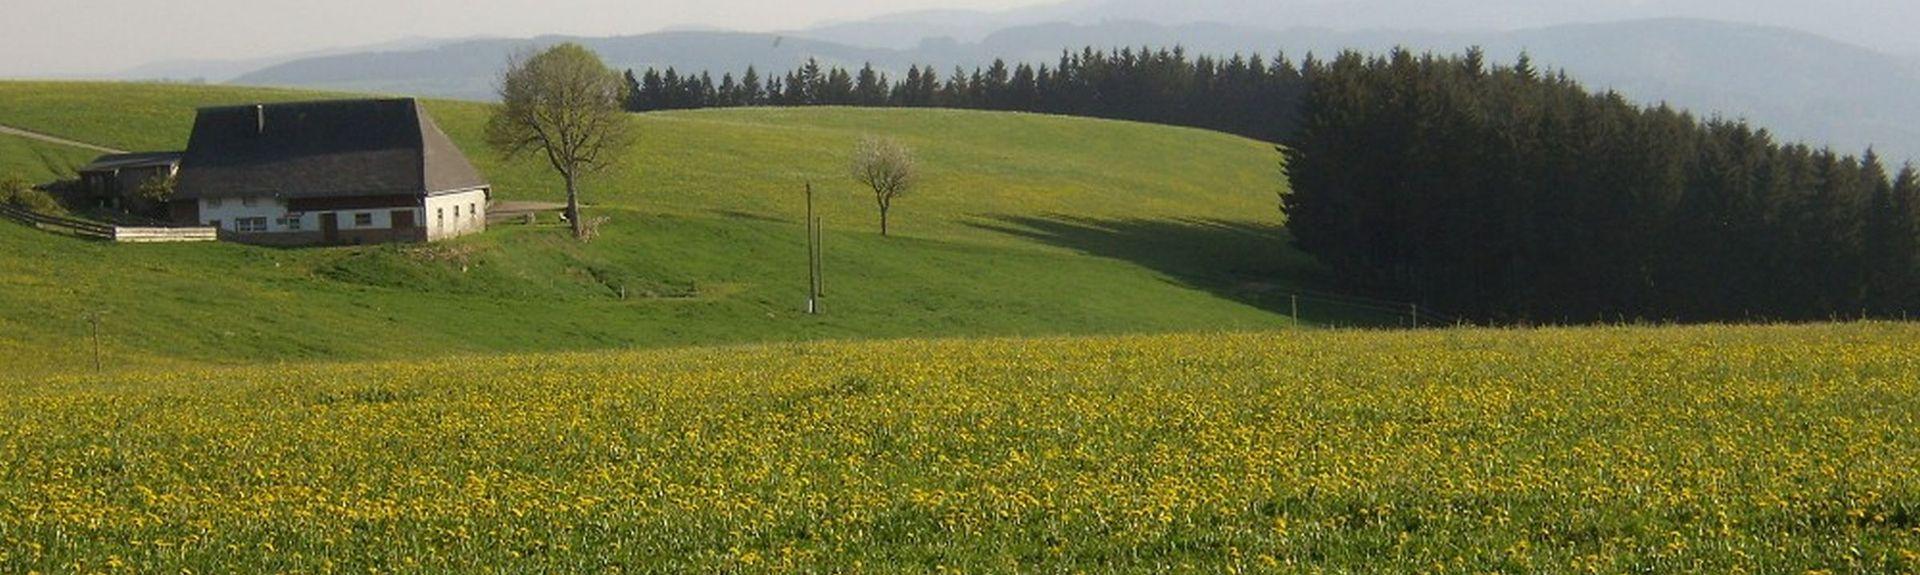 Badeparadies Schwarzwald, Titisee-Neustadt, Baden-Württemberg, Deutschland